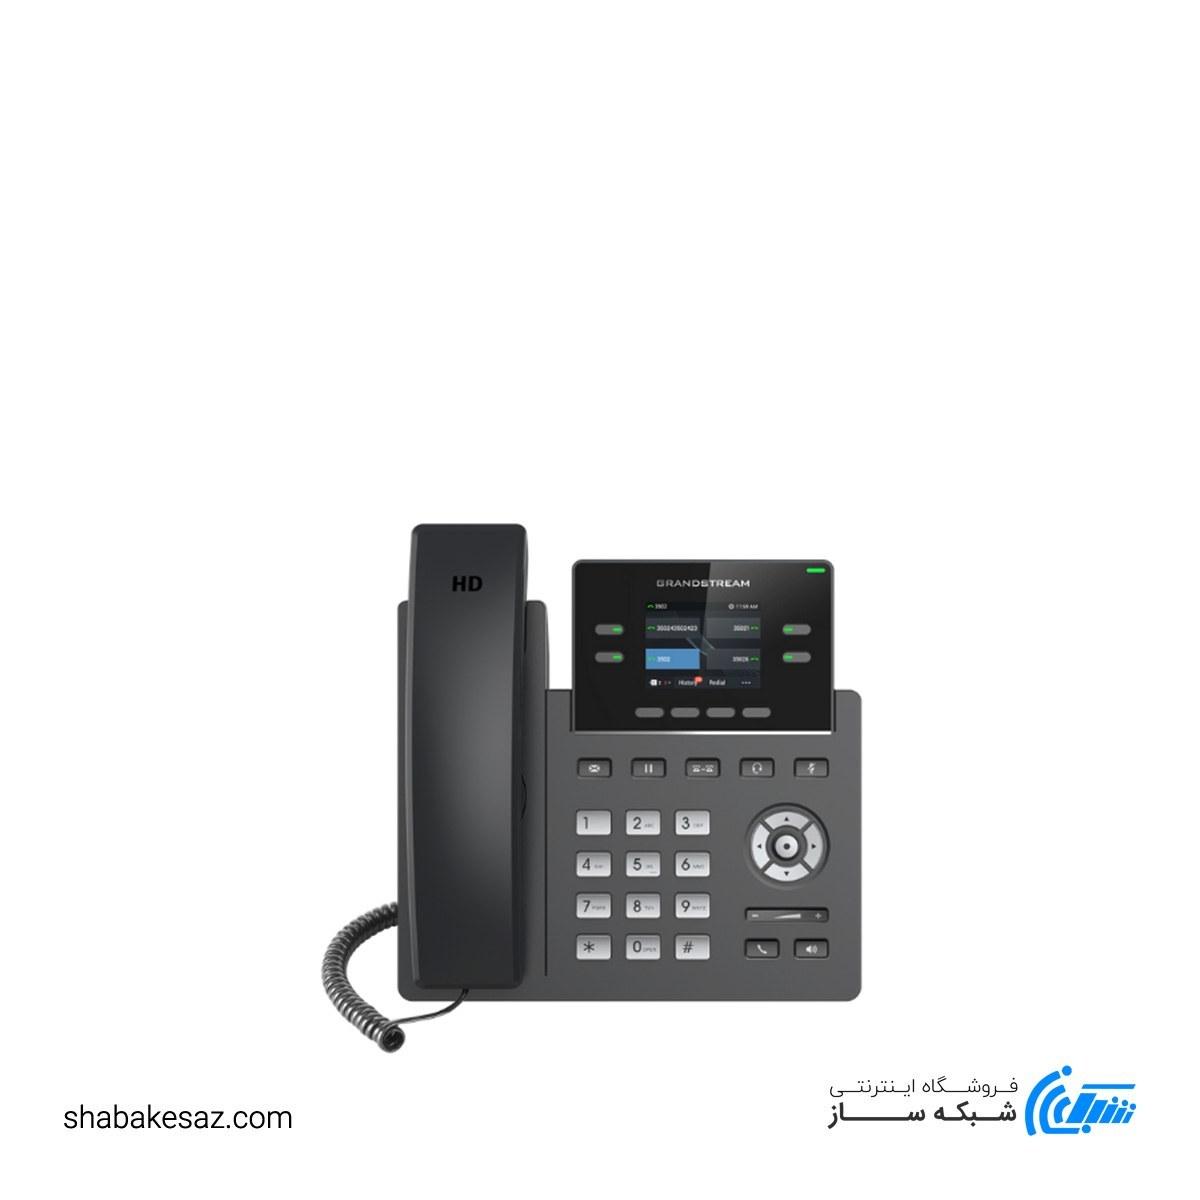 تصویر تلفن گرند استریم مدل 2612W